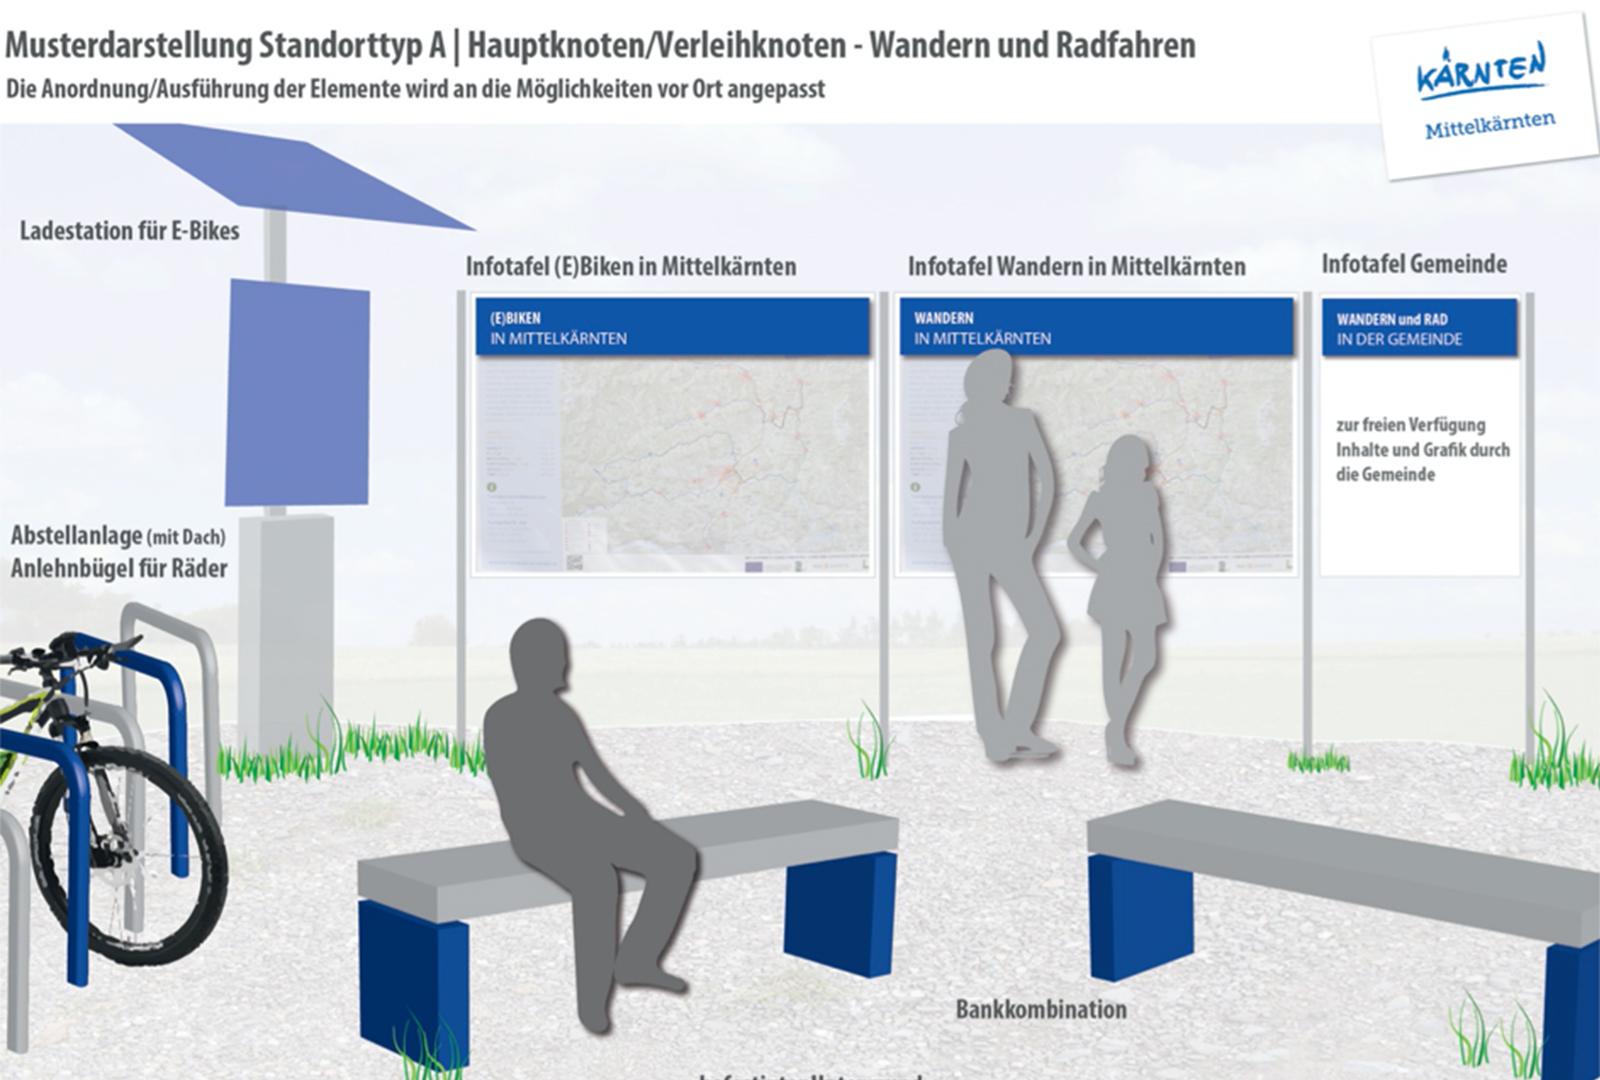 Alpine-E-Mobility Region Mittelkaernten 6